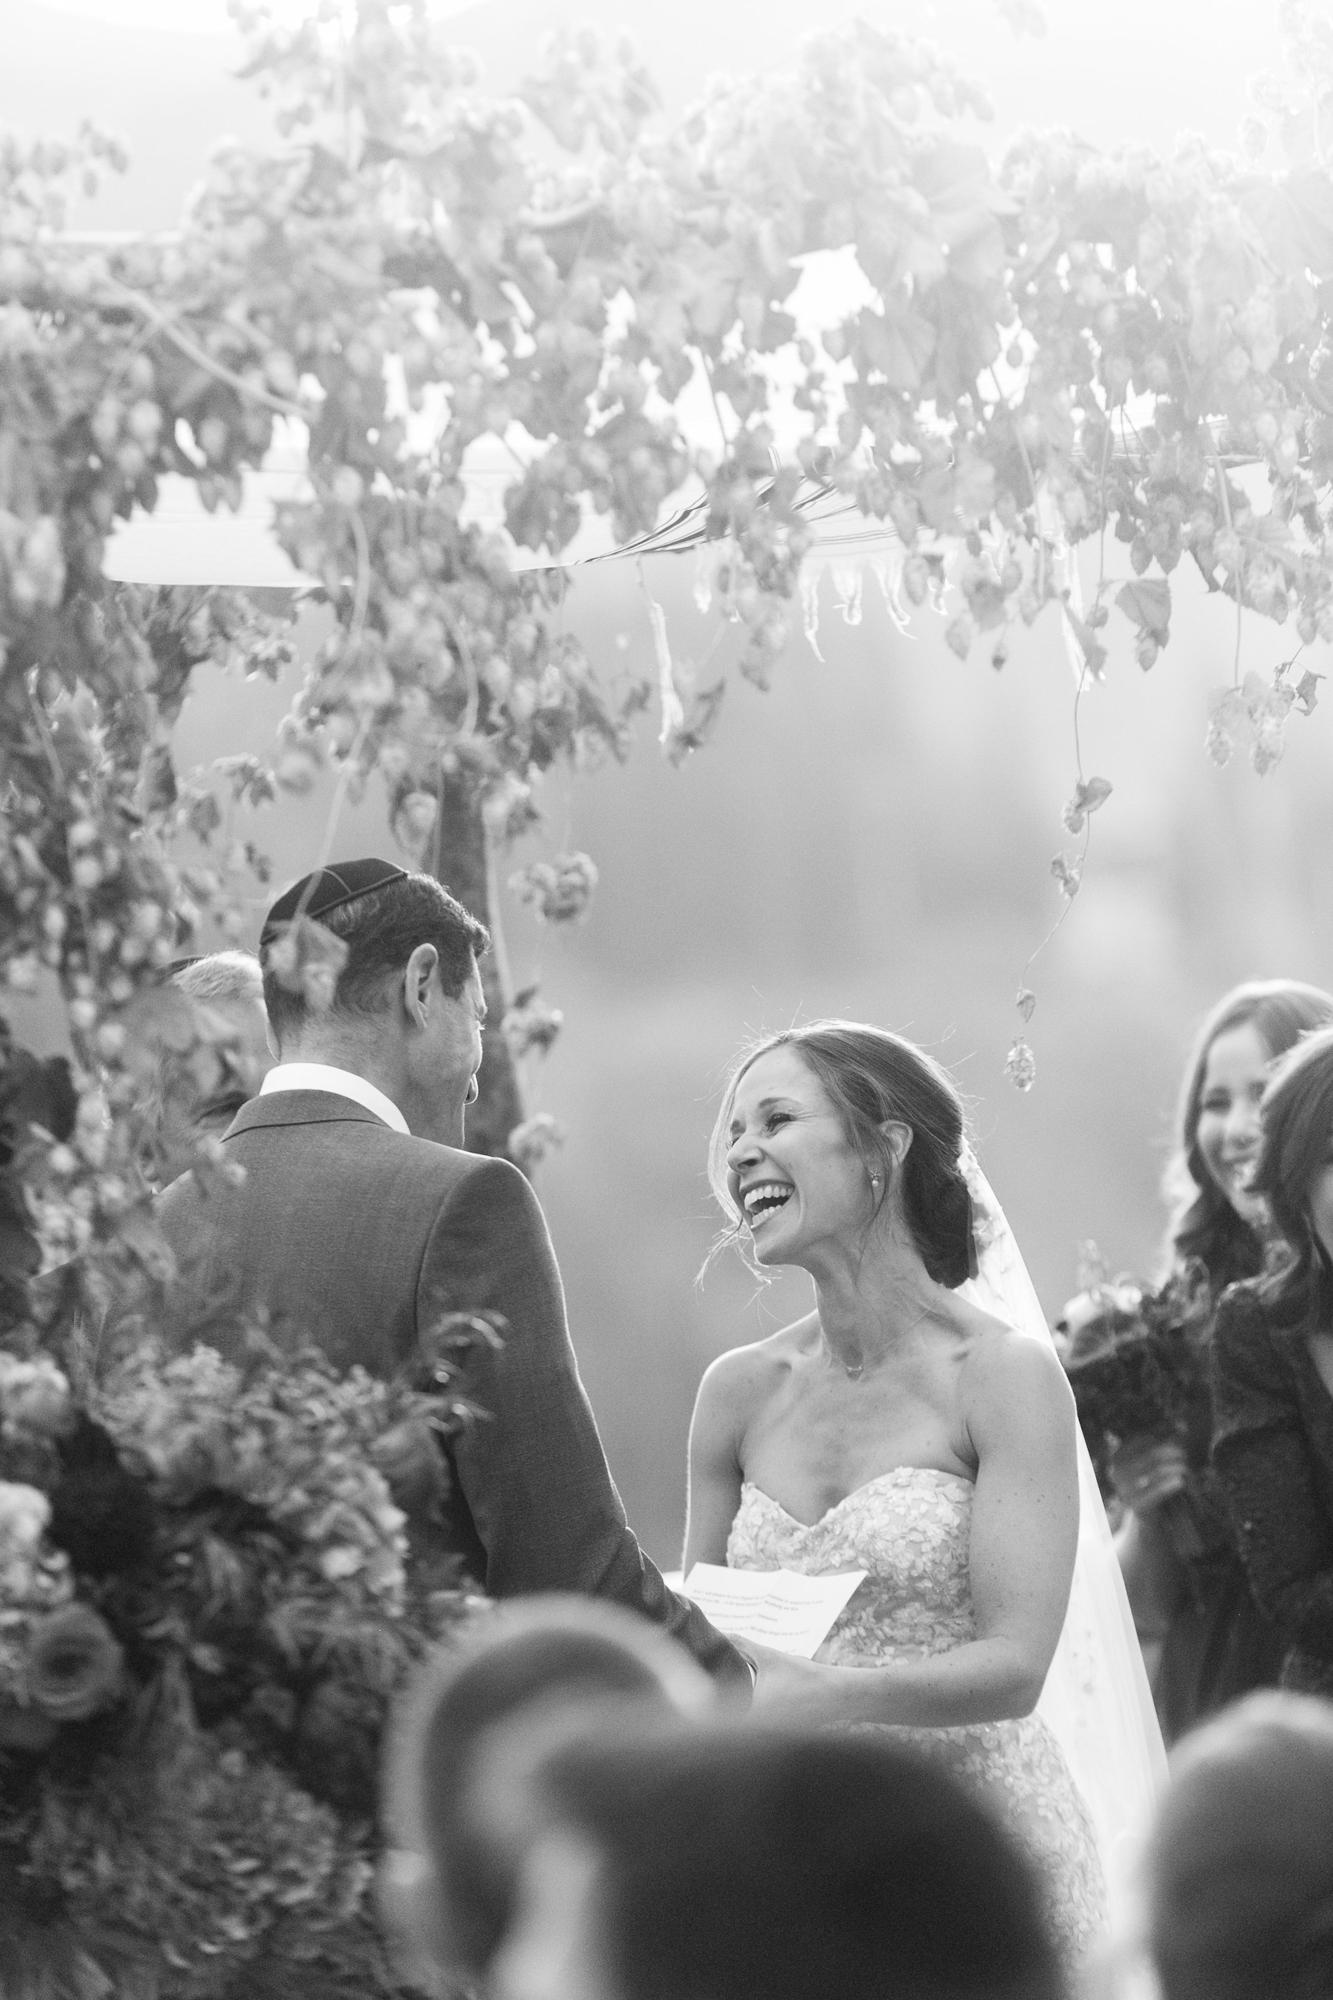 stein-eriksen-wedding-photography-21.jpg